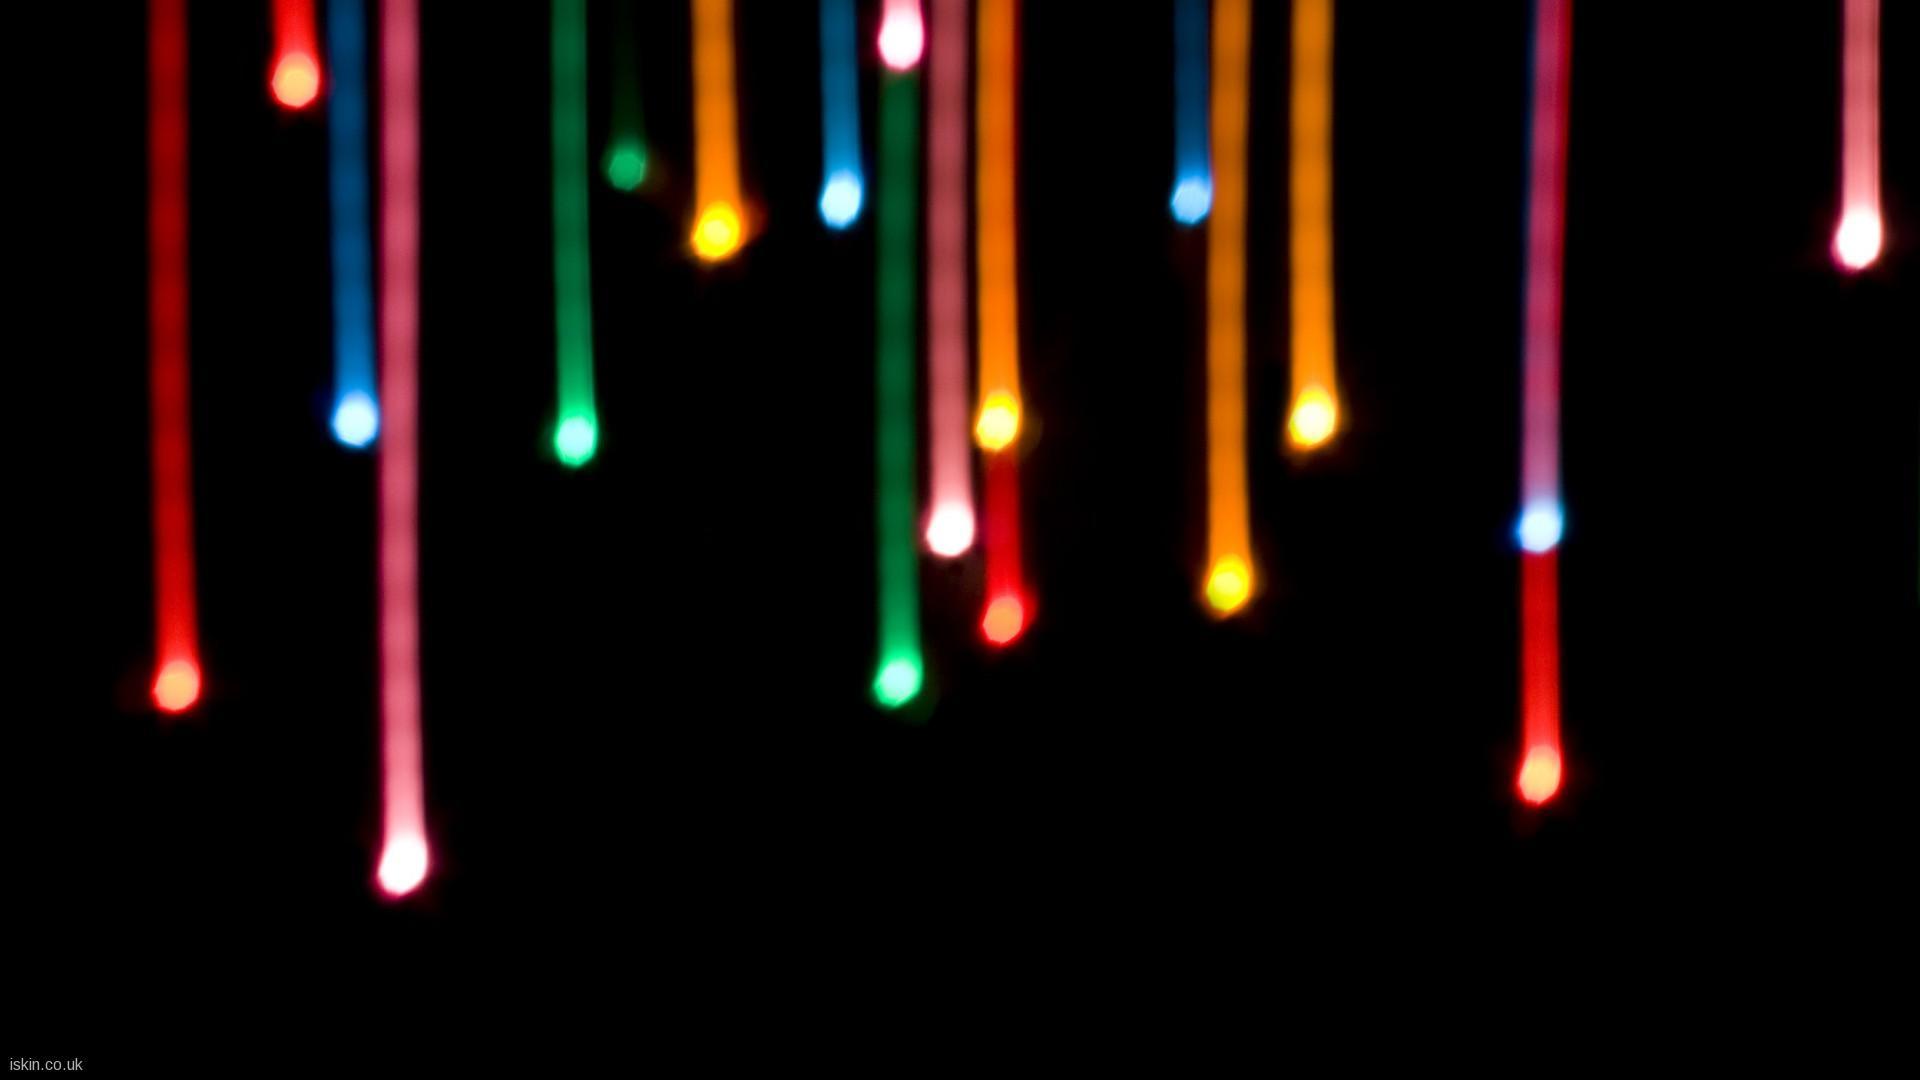 Colourful LED Light Wallpaper